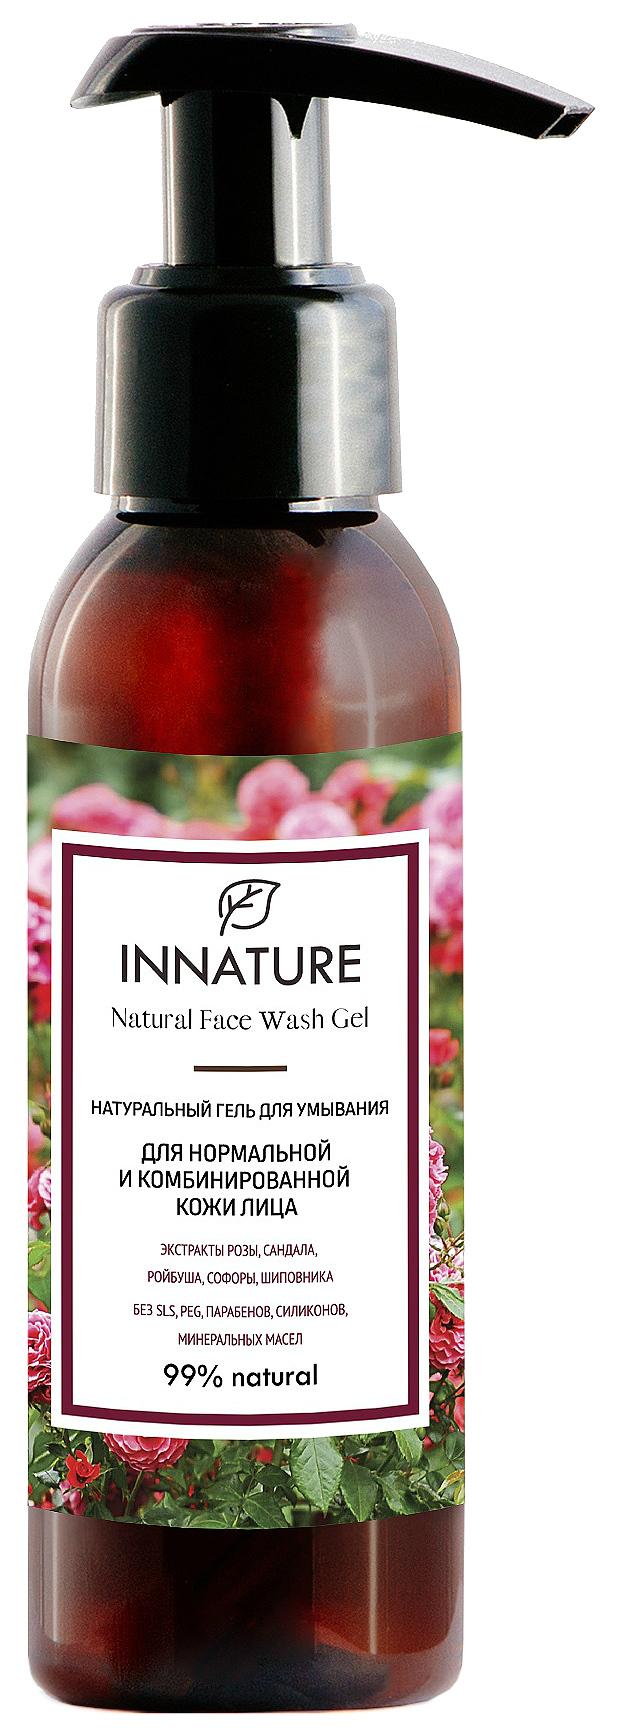 Купить Гель для умывания iNNature Для нормальной и комбинированной кожи 100 мл